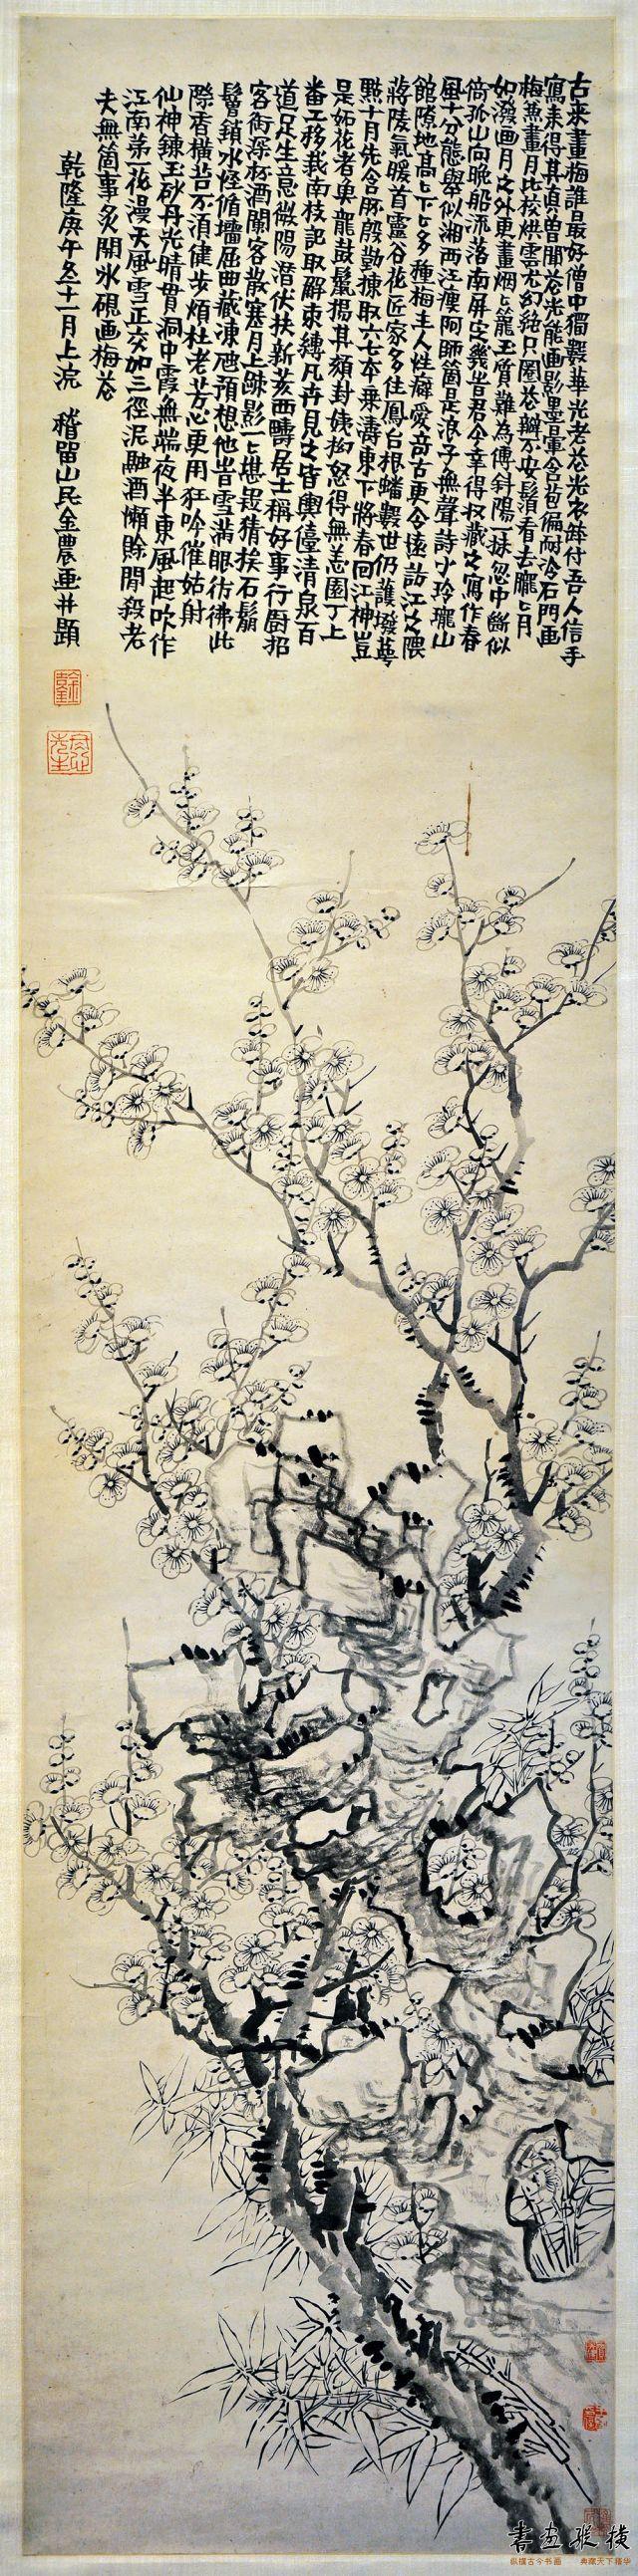 清 金农 竹石寒梅图 纵132厘米 横31厘米 广州市美术馆藏